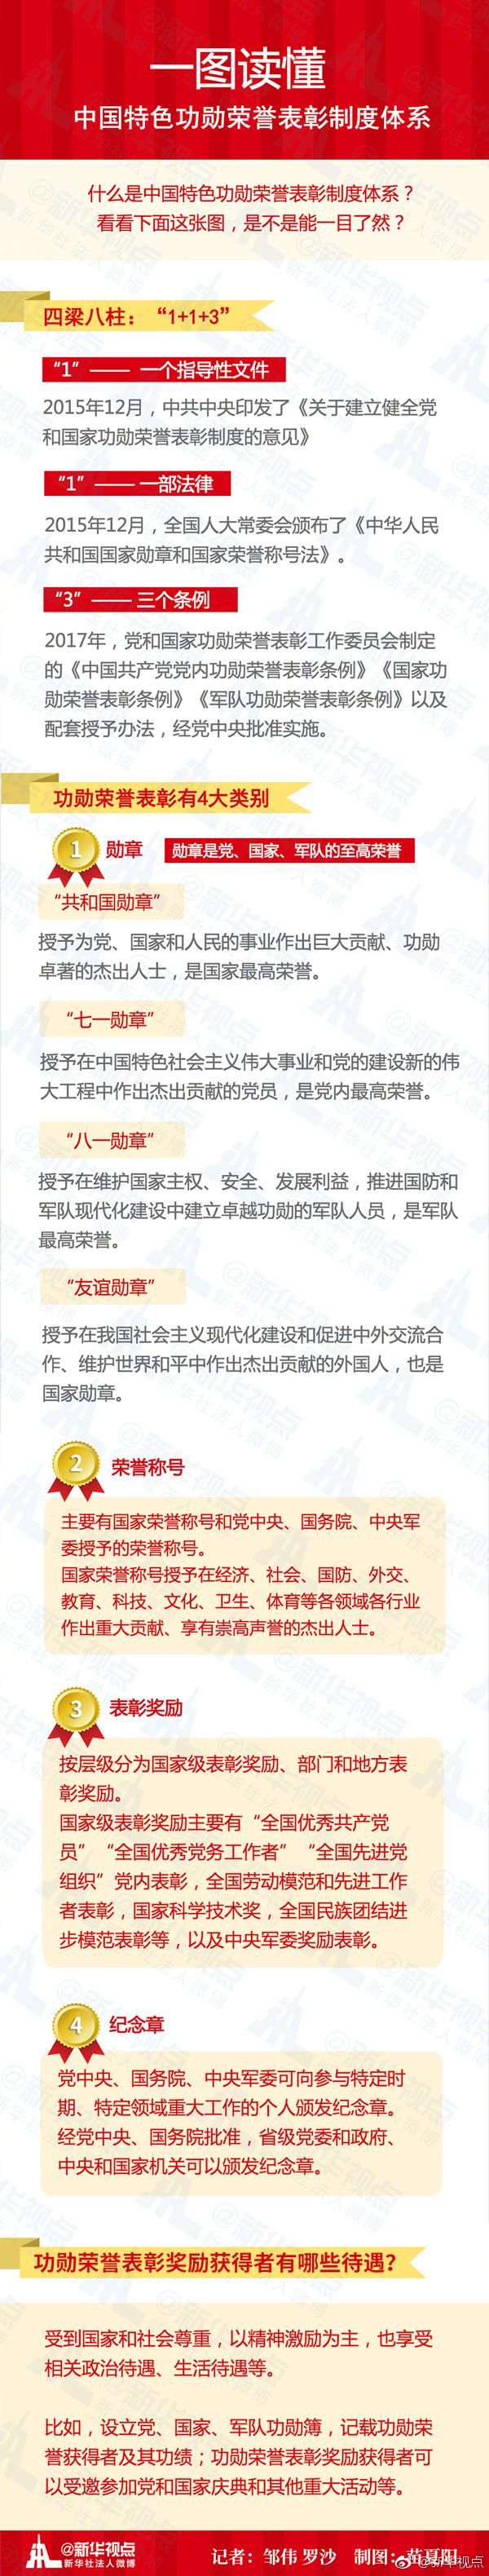 平安彩票正规吗:一图读懂:中国特色功勋荣誉表彰制度体系